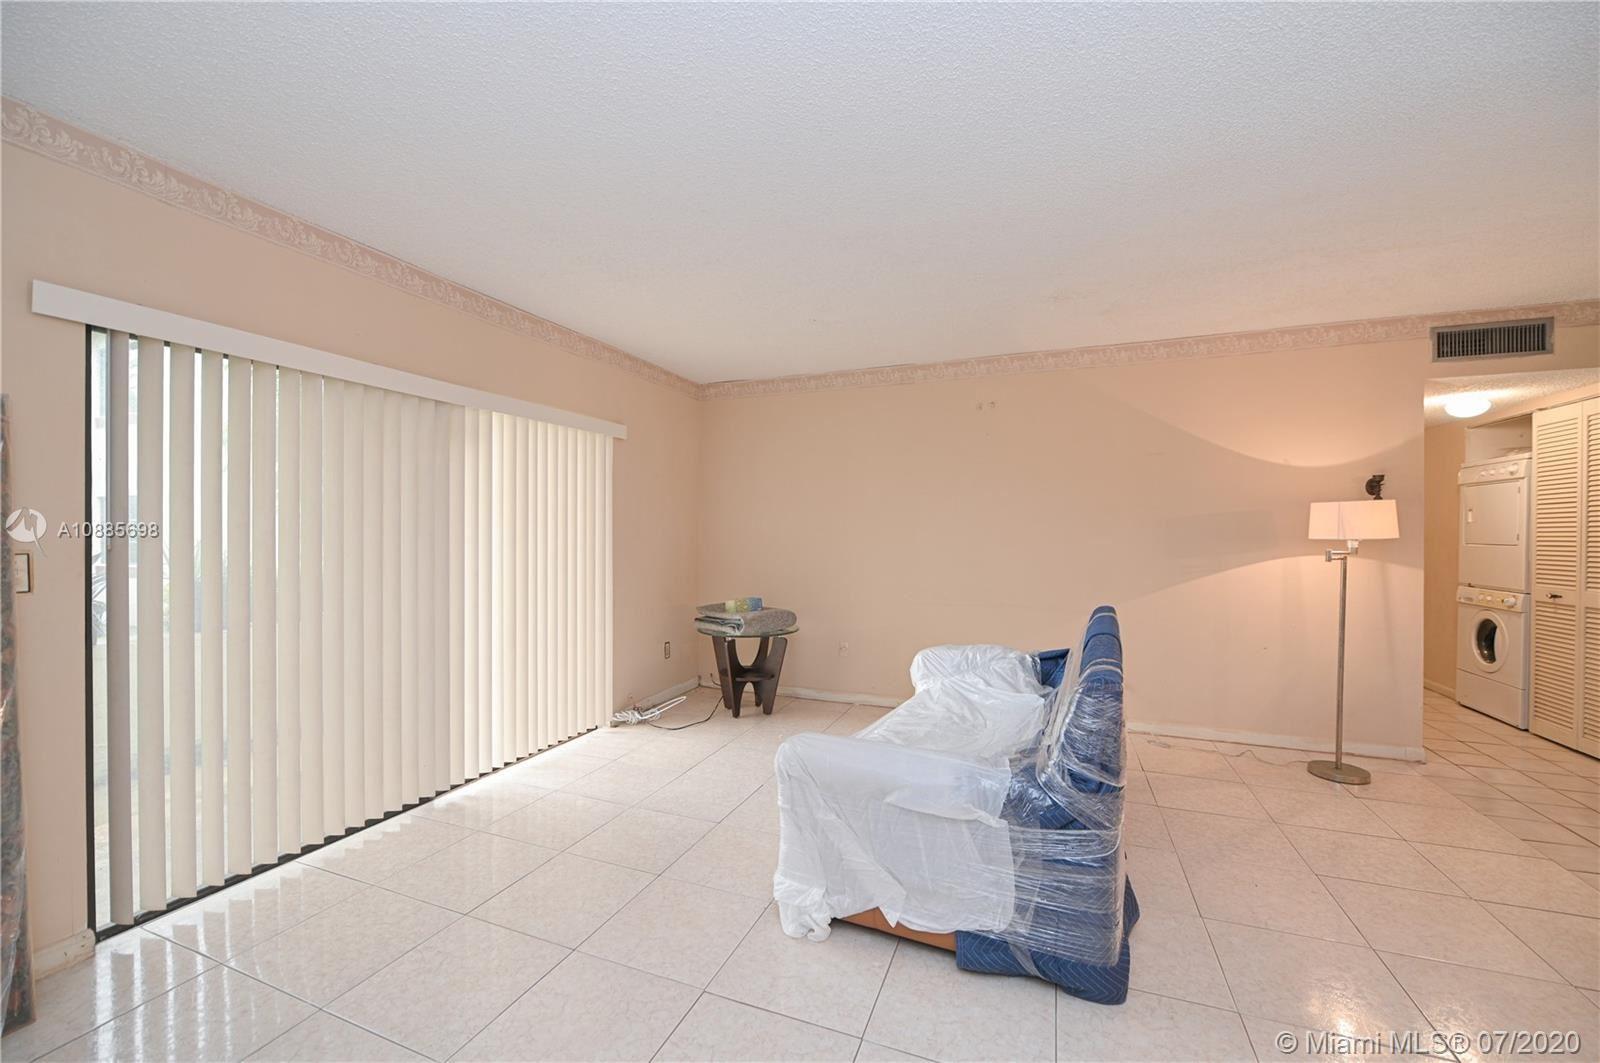 8510 SW 149th Ave #1106, Miami, FL 33193 - #: A10885698